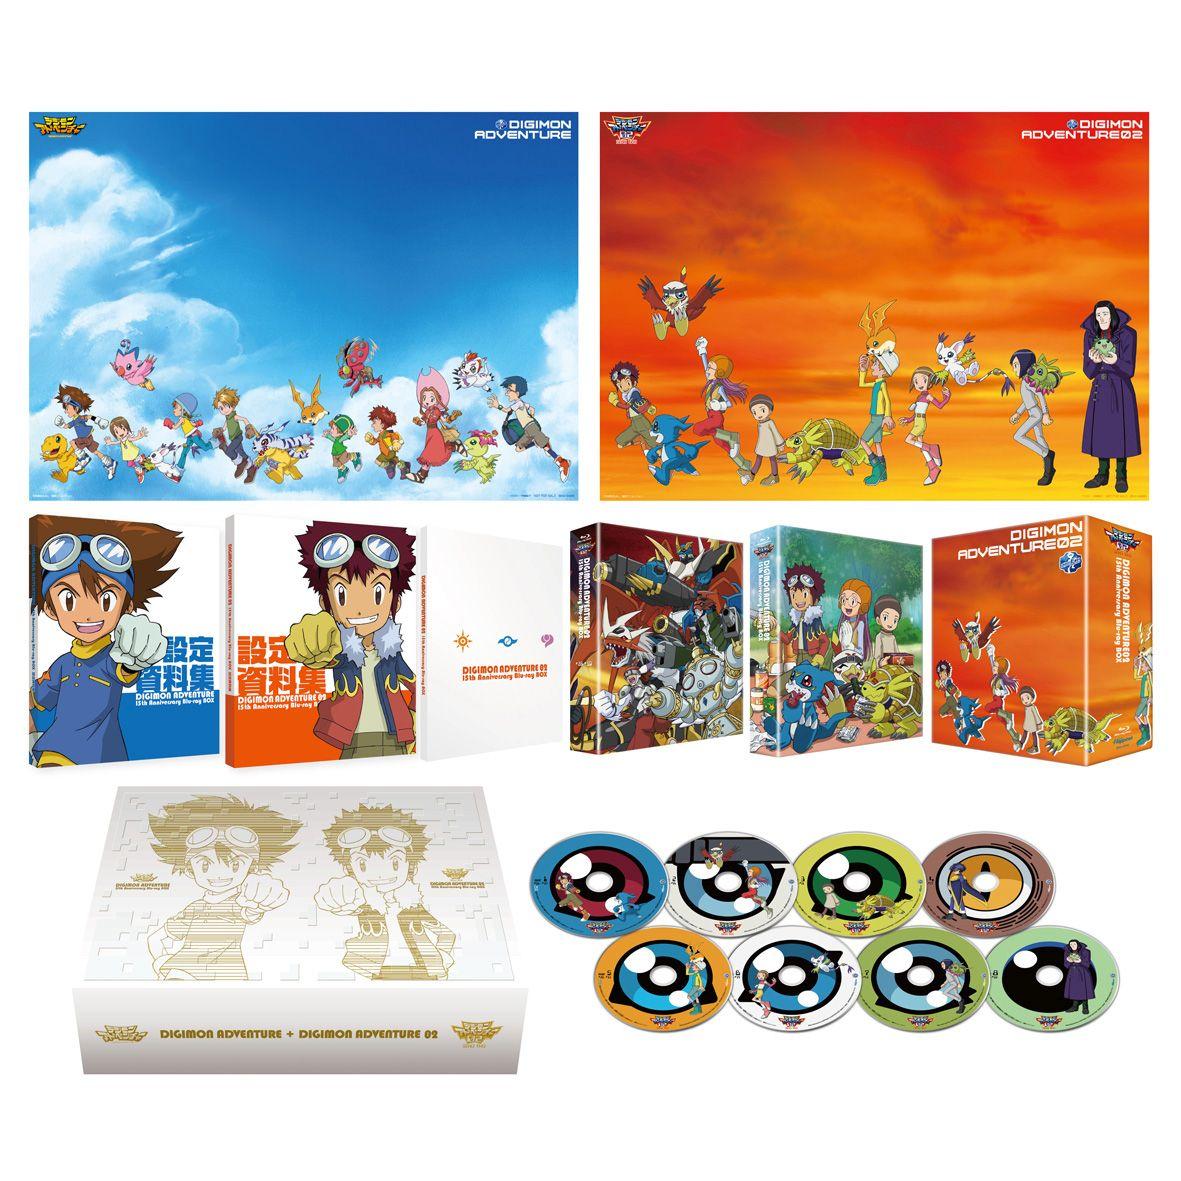 デジモンアドベンチャー02 15th Anniversary Blu-ray BOX ジョグレスエディション 【完全初回生産限定版】 【Blu-ray】 [ 木内レイコ ]